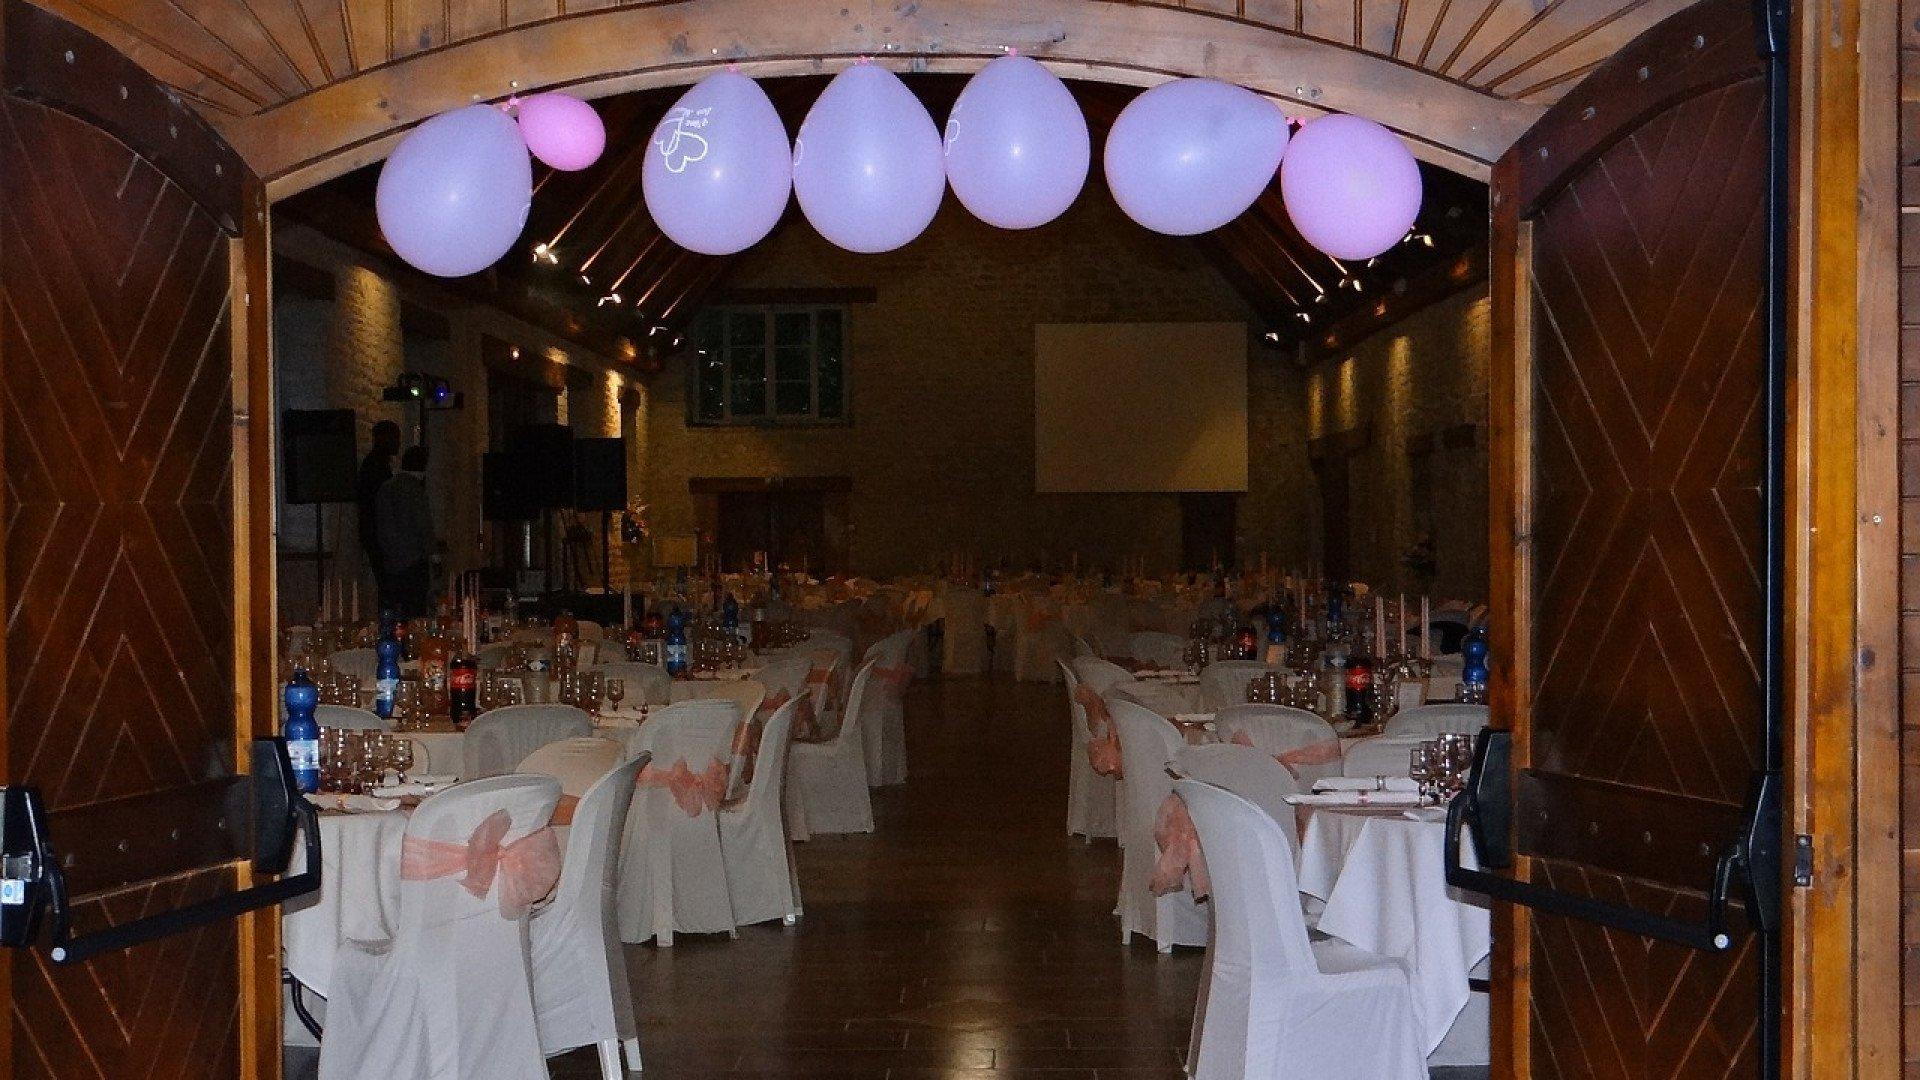 Comment décorer les tables de fête avec beaucoup d'imagination ?